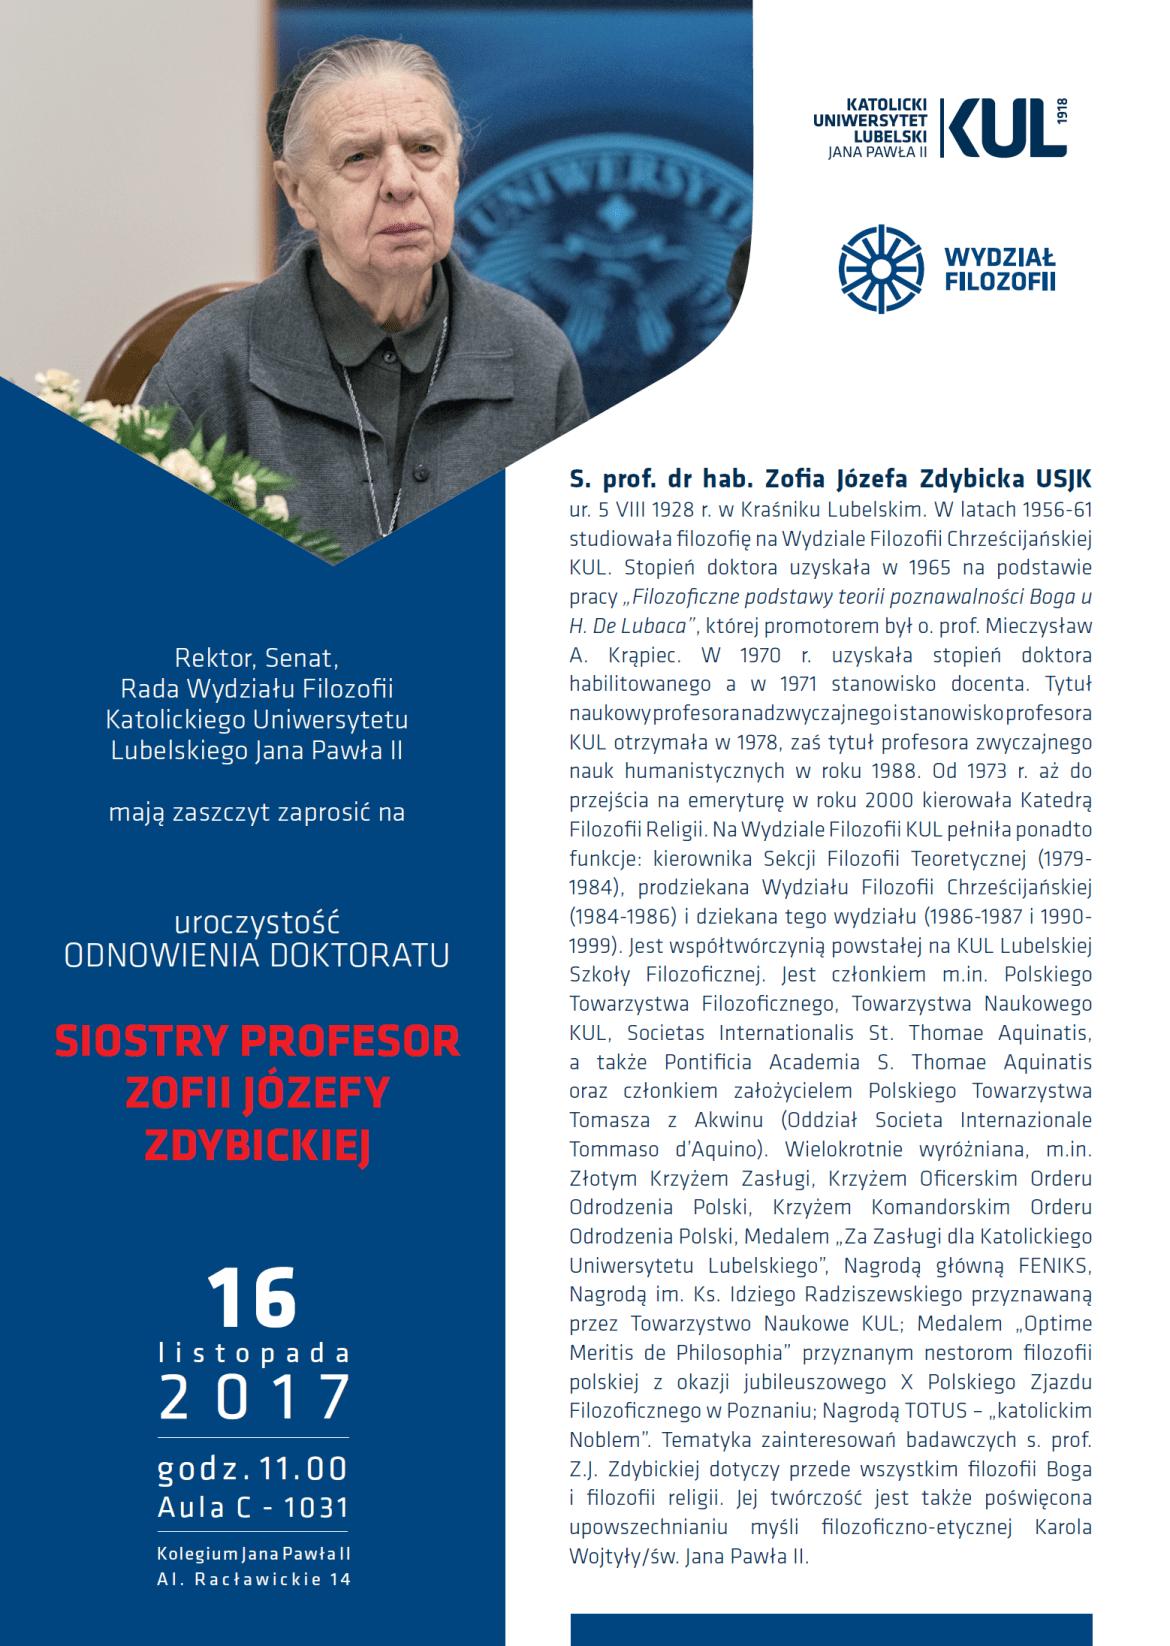 Odnowienie doktoratu Siostry Profesor Zofii Józefy Zdybickiej